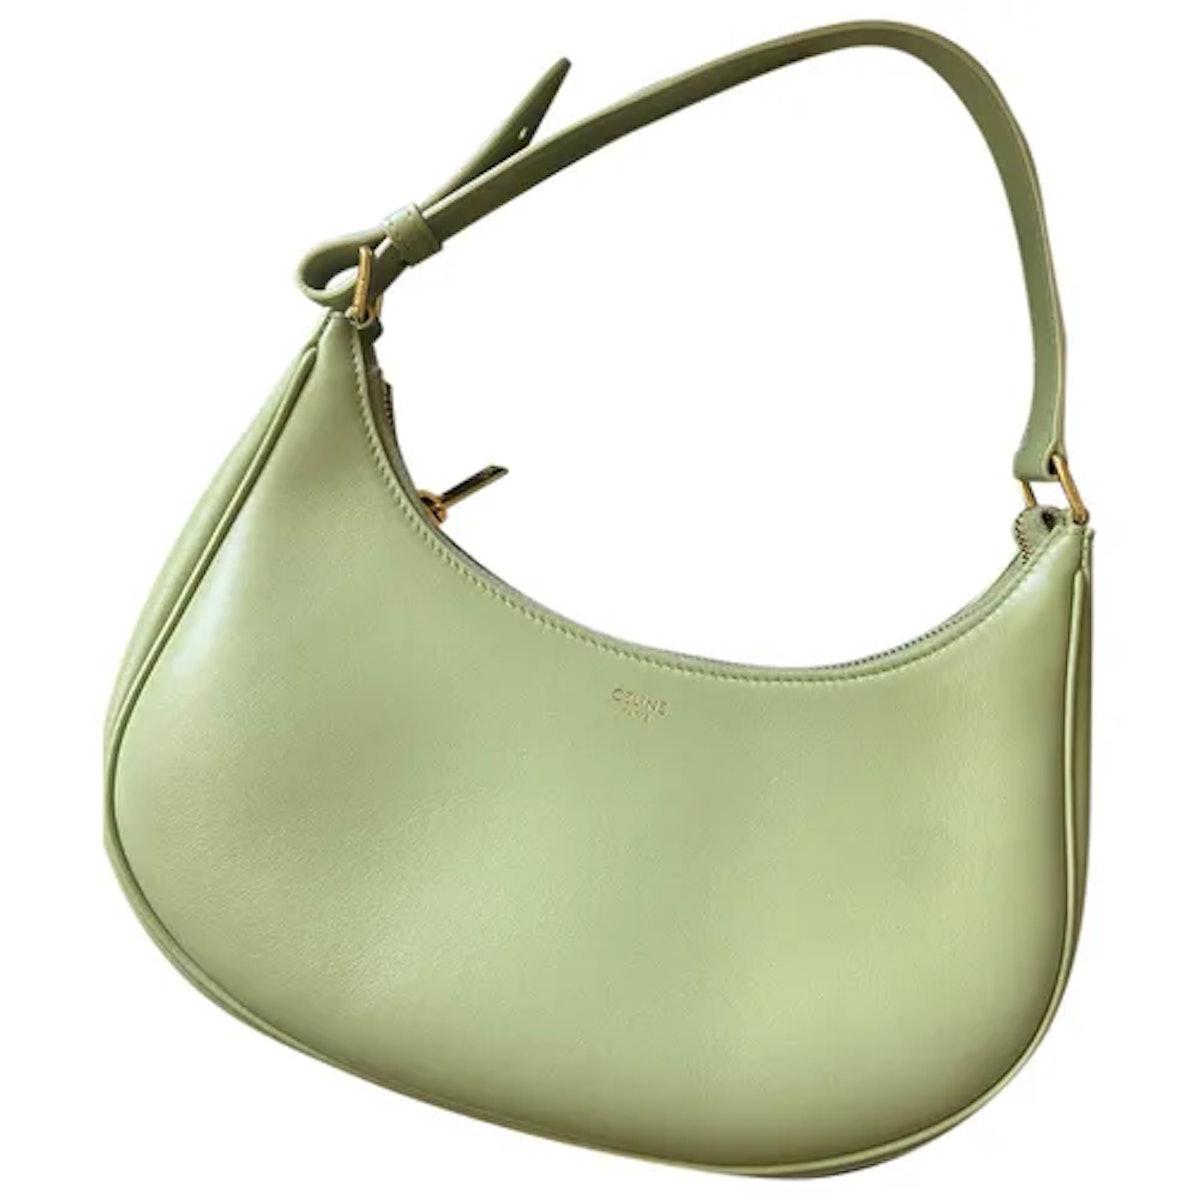 Ava Bag in Sage